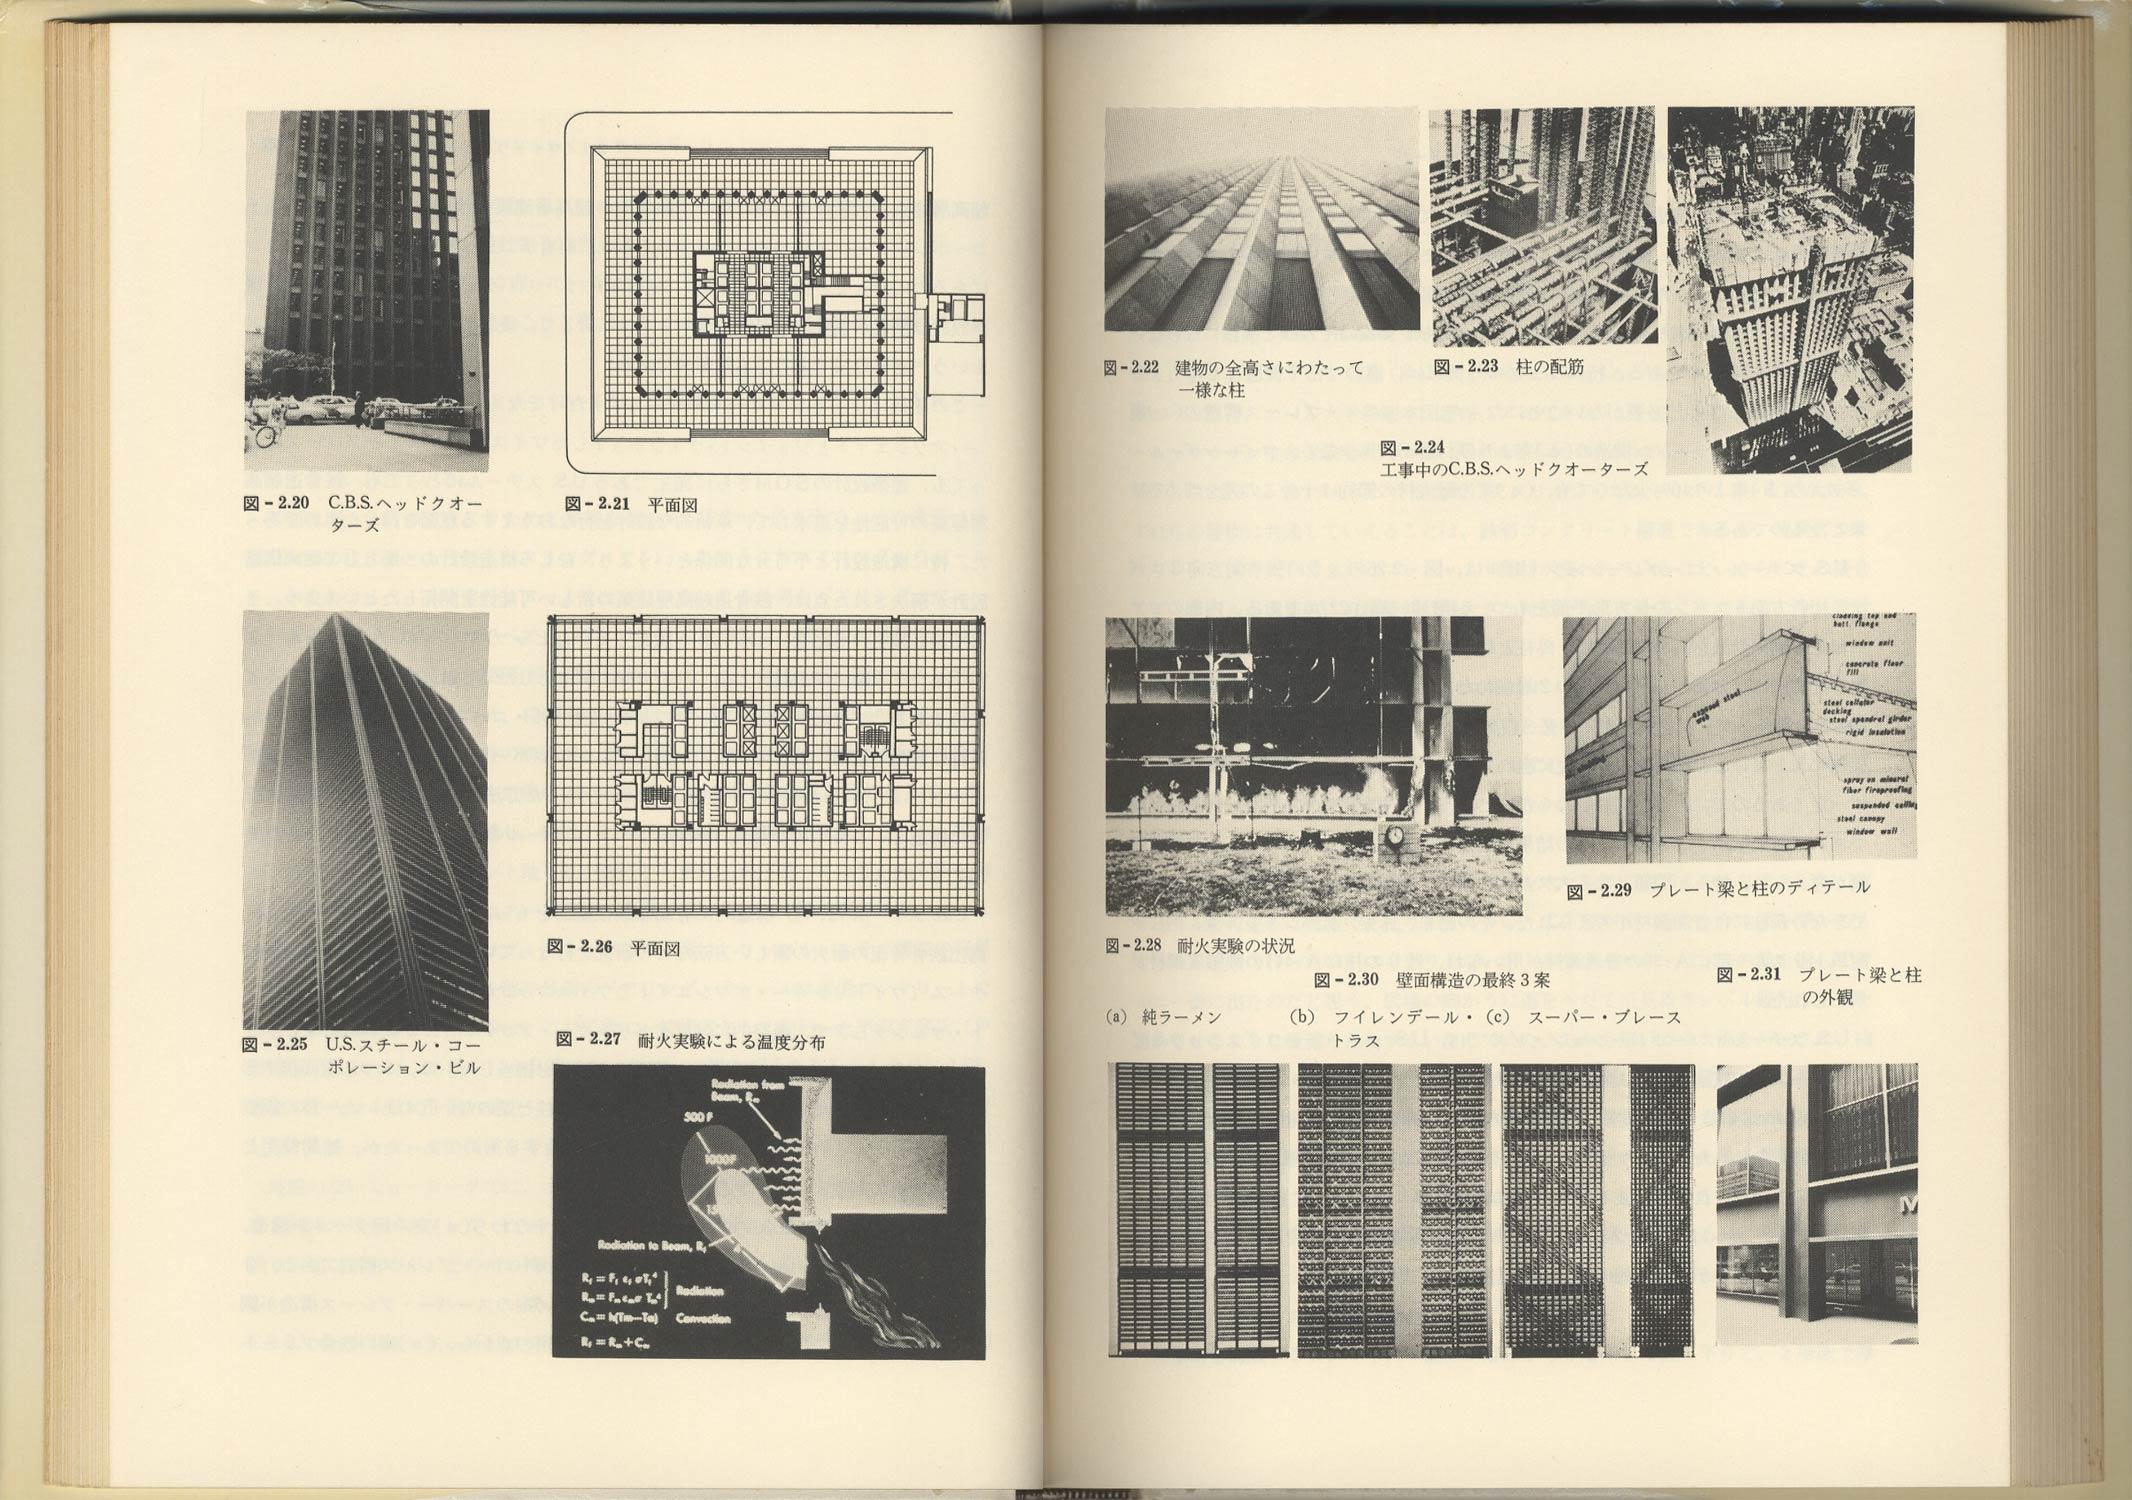 現代世界の構造デザイナー アメリカ編[image2]